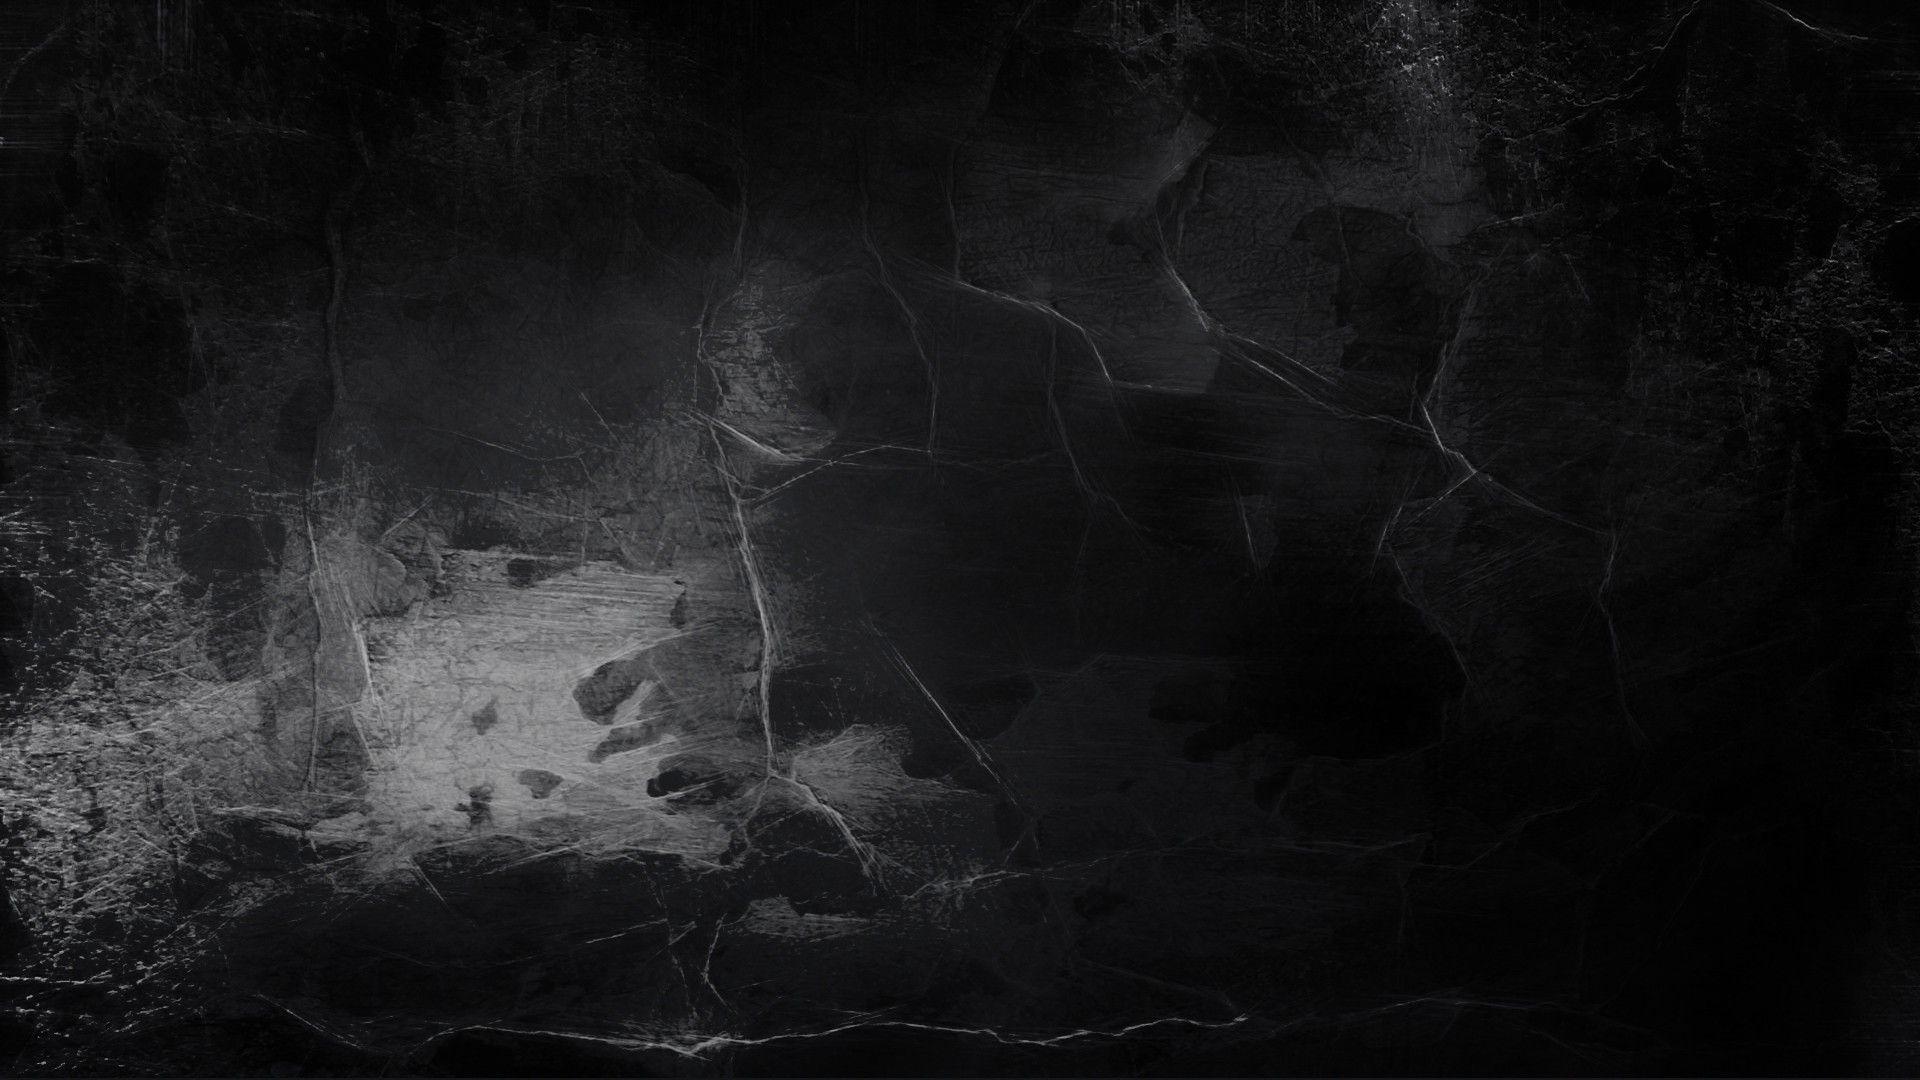 Grunge Wallpaper Tumblr Black Smoke Grunge Background 1920x1080 Download Hd Wallpaper Wallpapertip